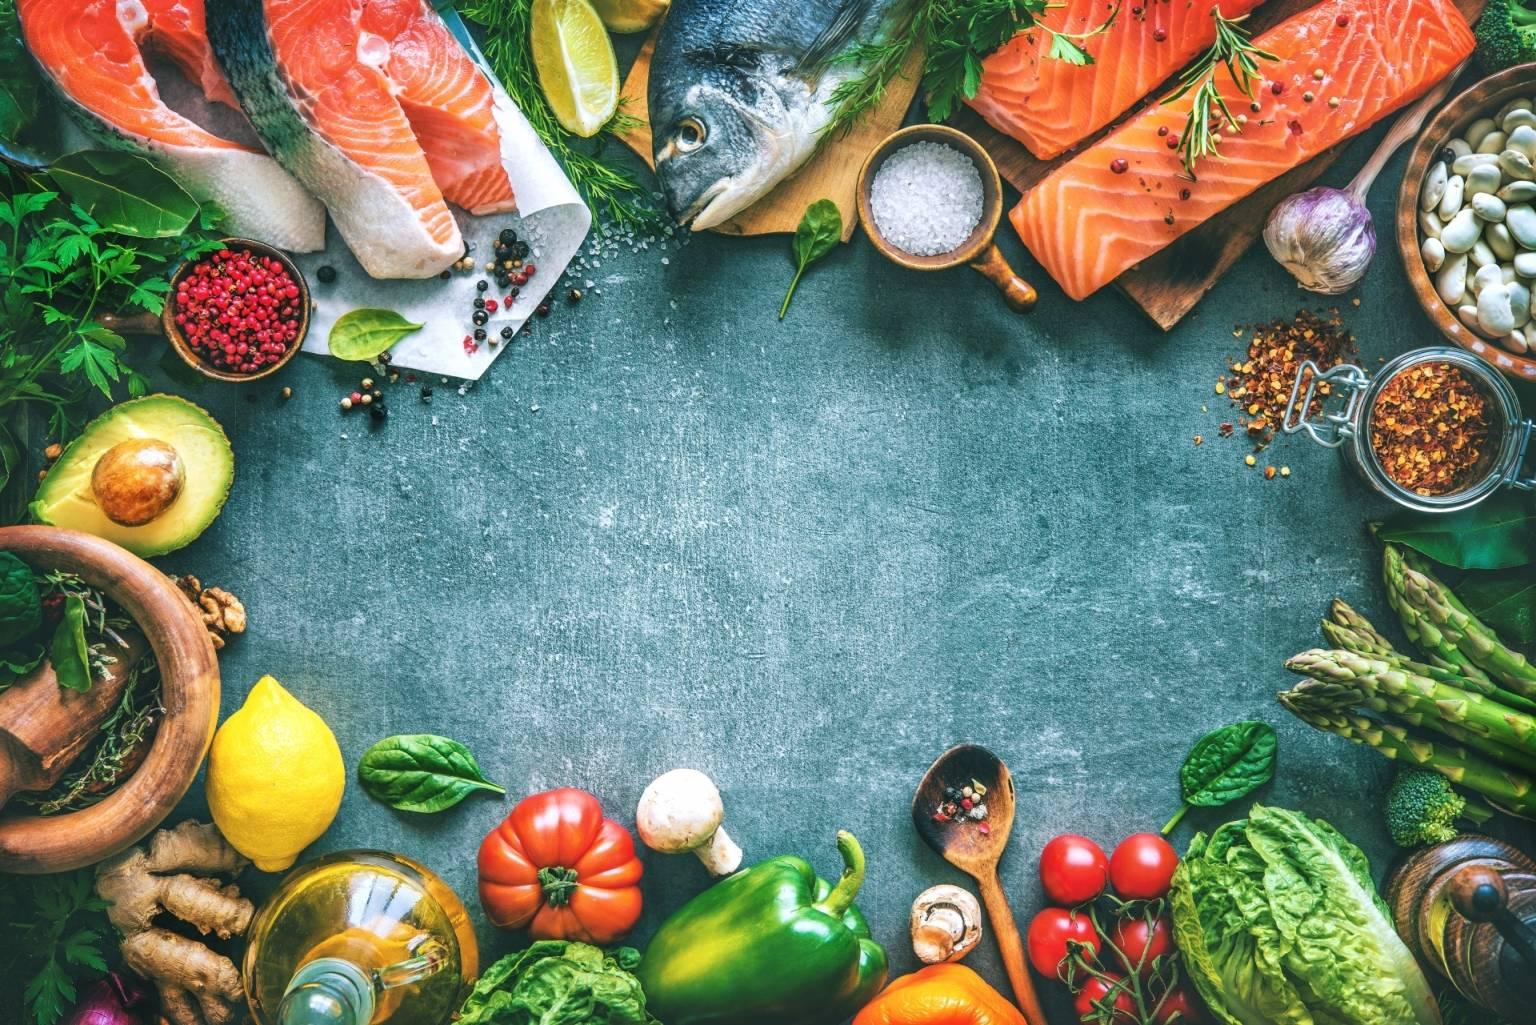 Cukrzyca Typu 2 Choroba Naszych Czasow Naturalnie O Zdrowiu